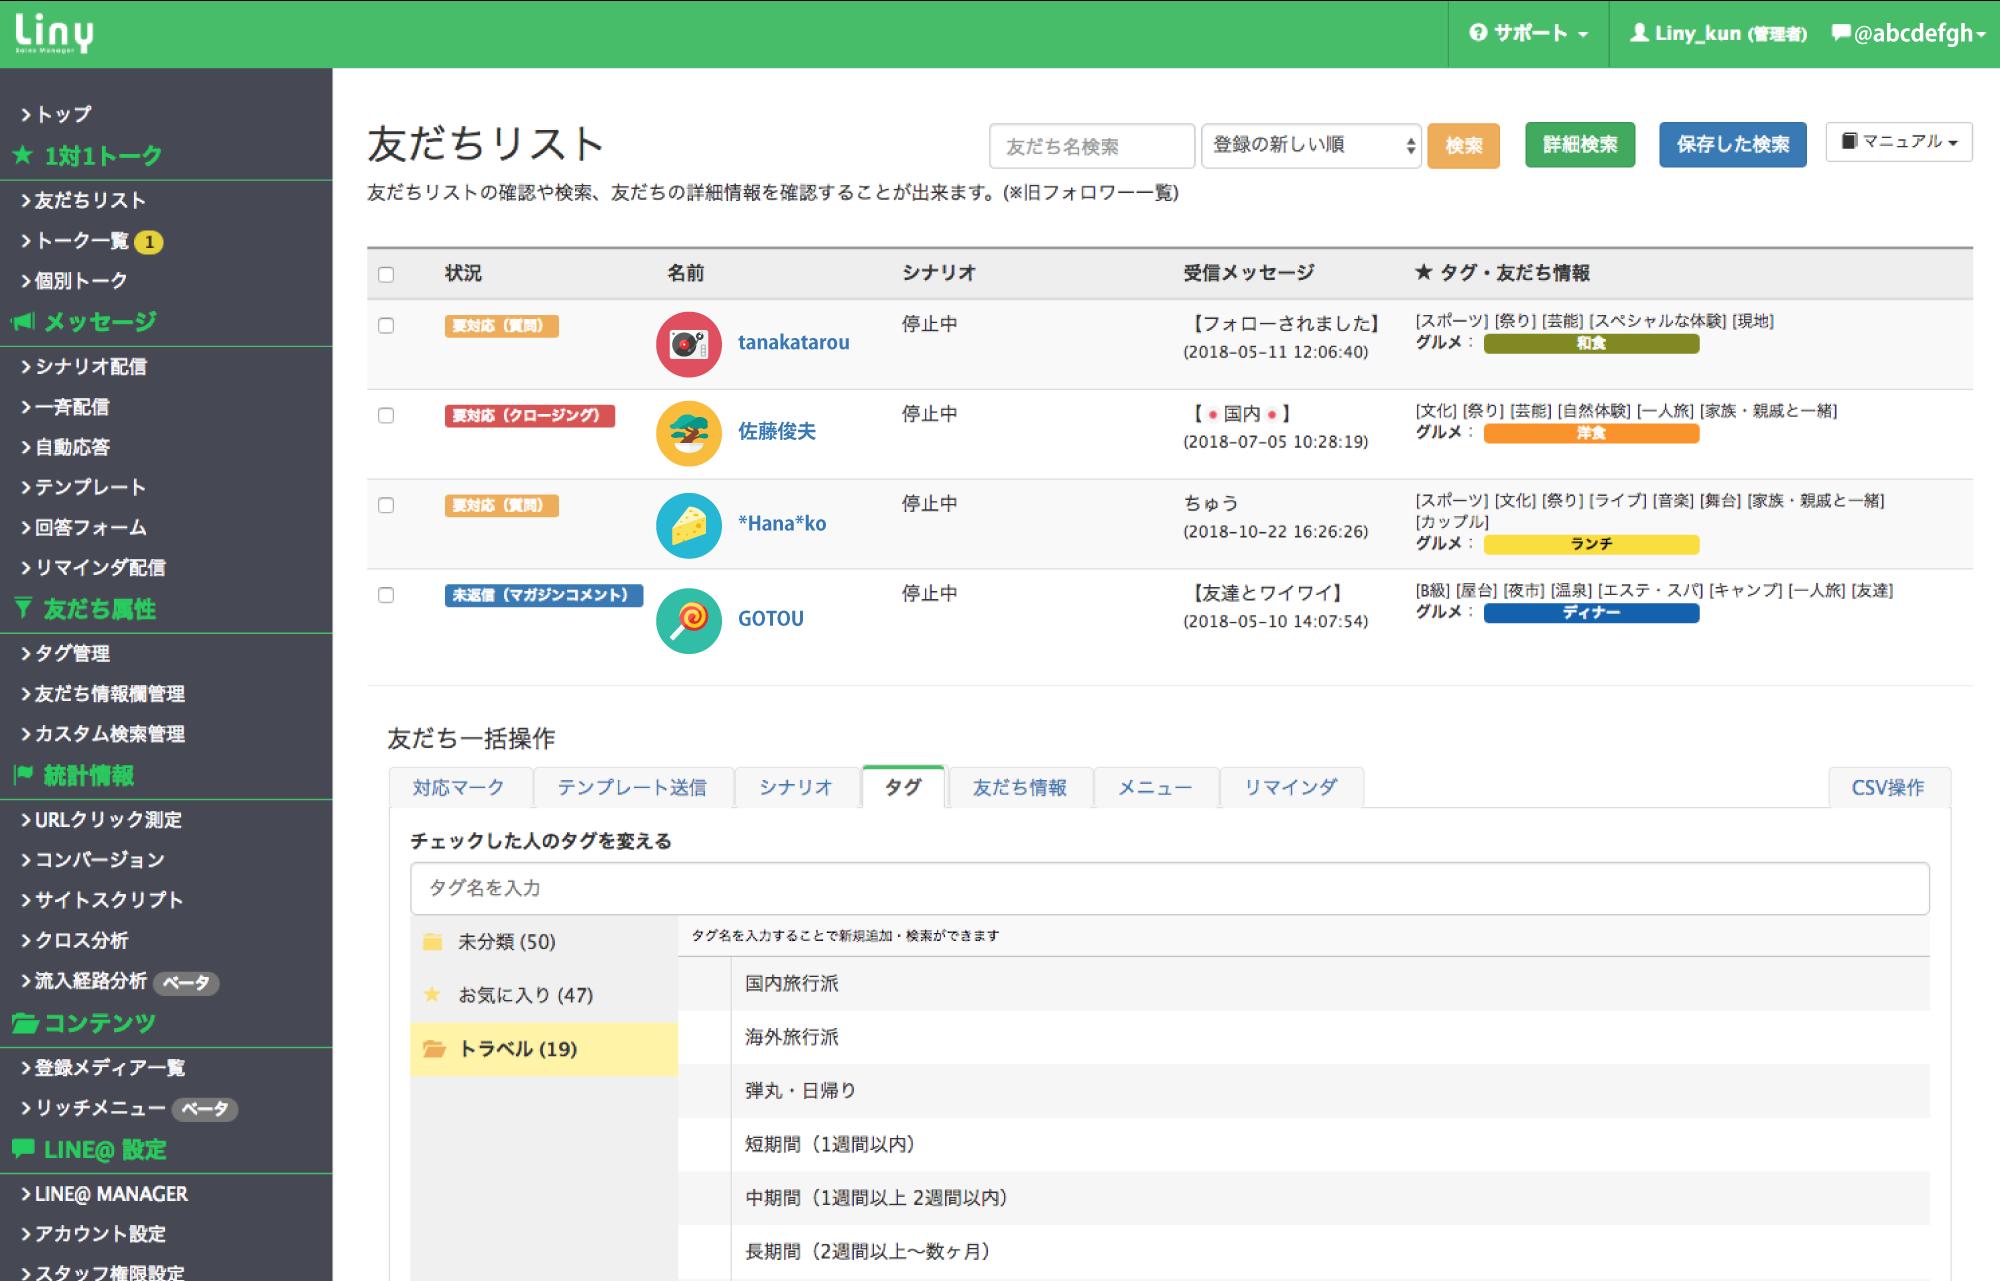 セールスマネージャーLinyを活用したLINE@上での顧客管理の例